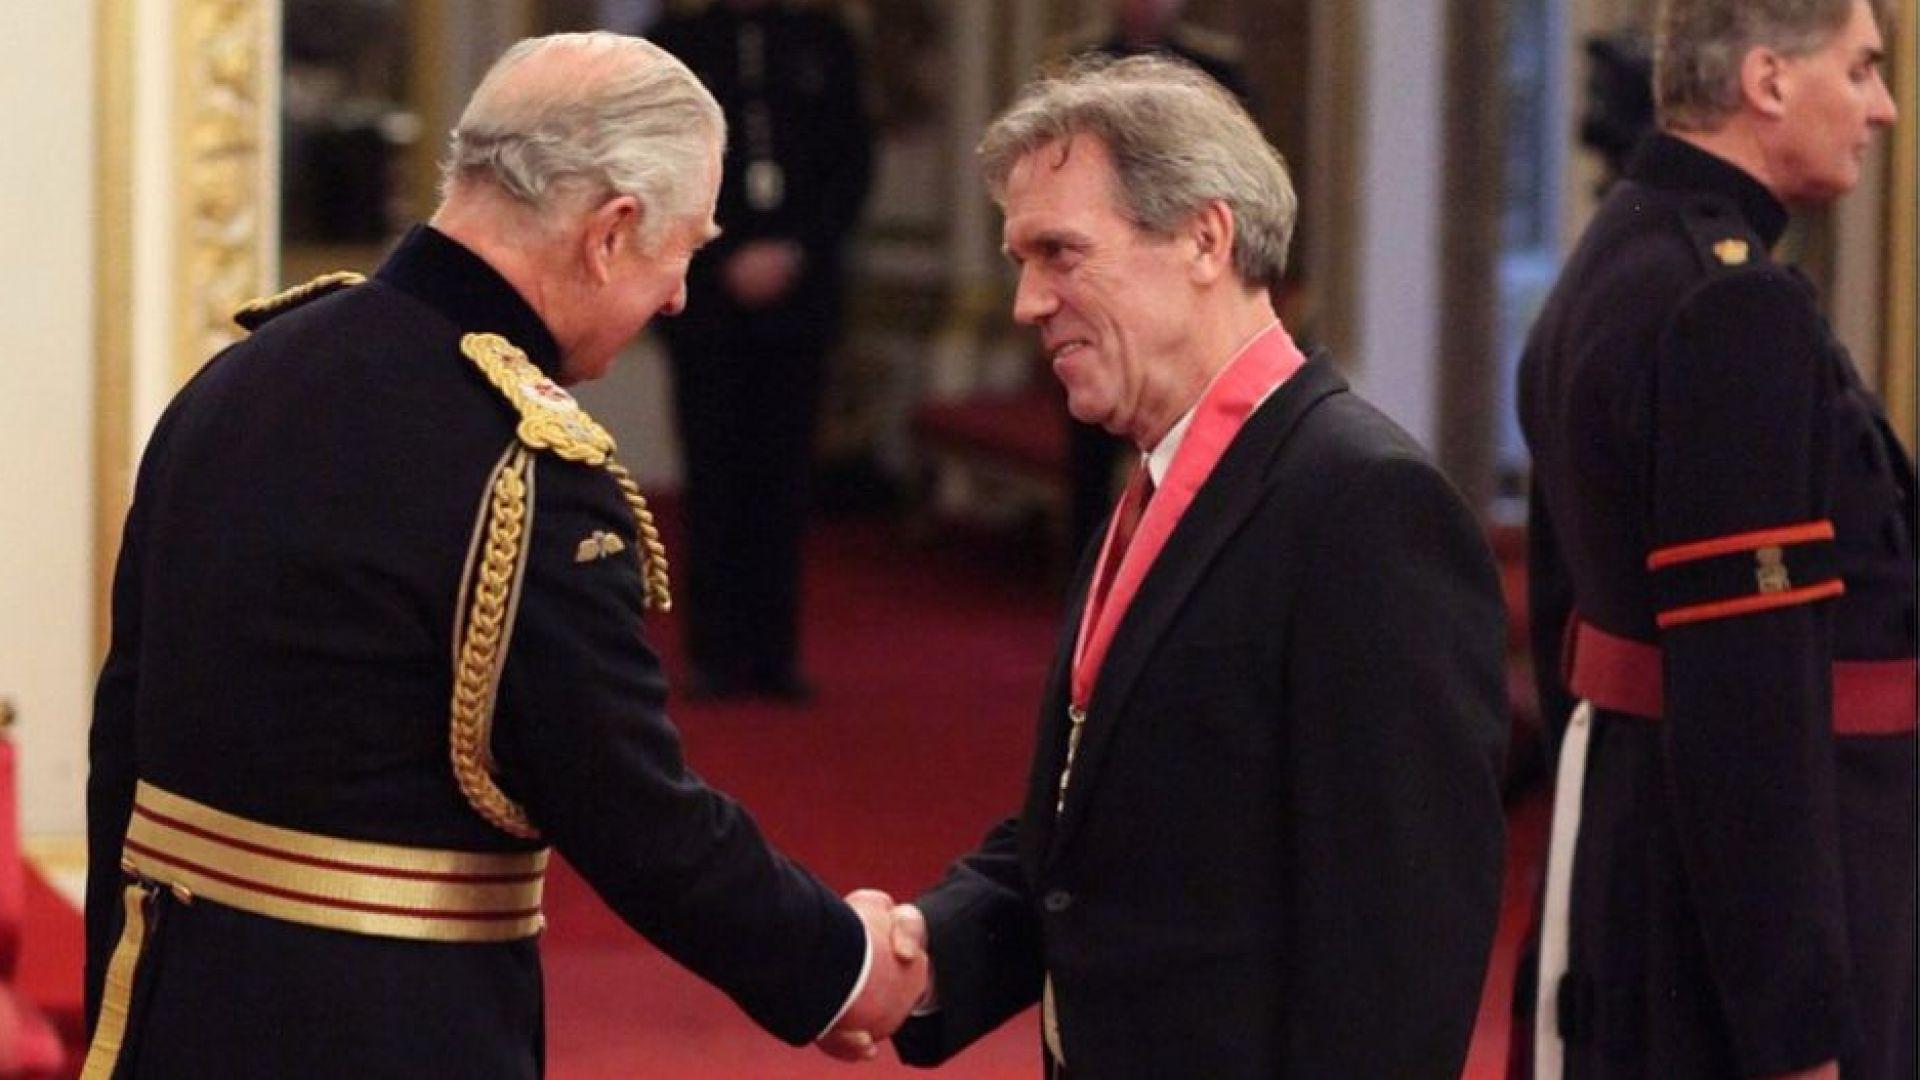 Хю Лори стана командир на Ордена на Британската империя